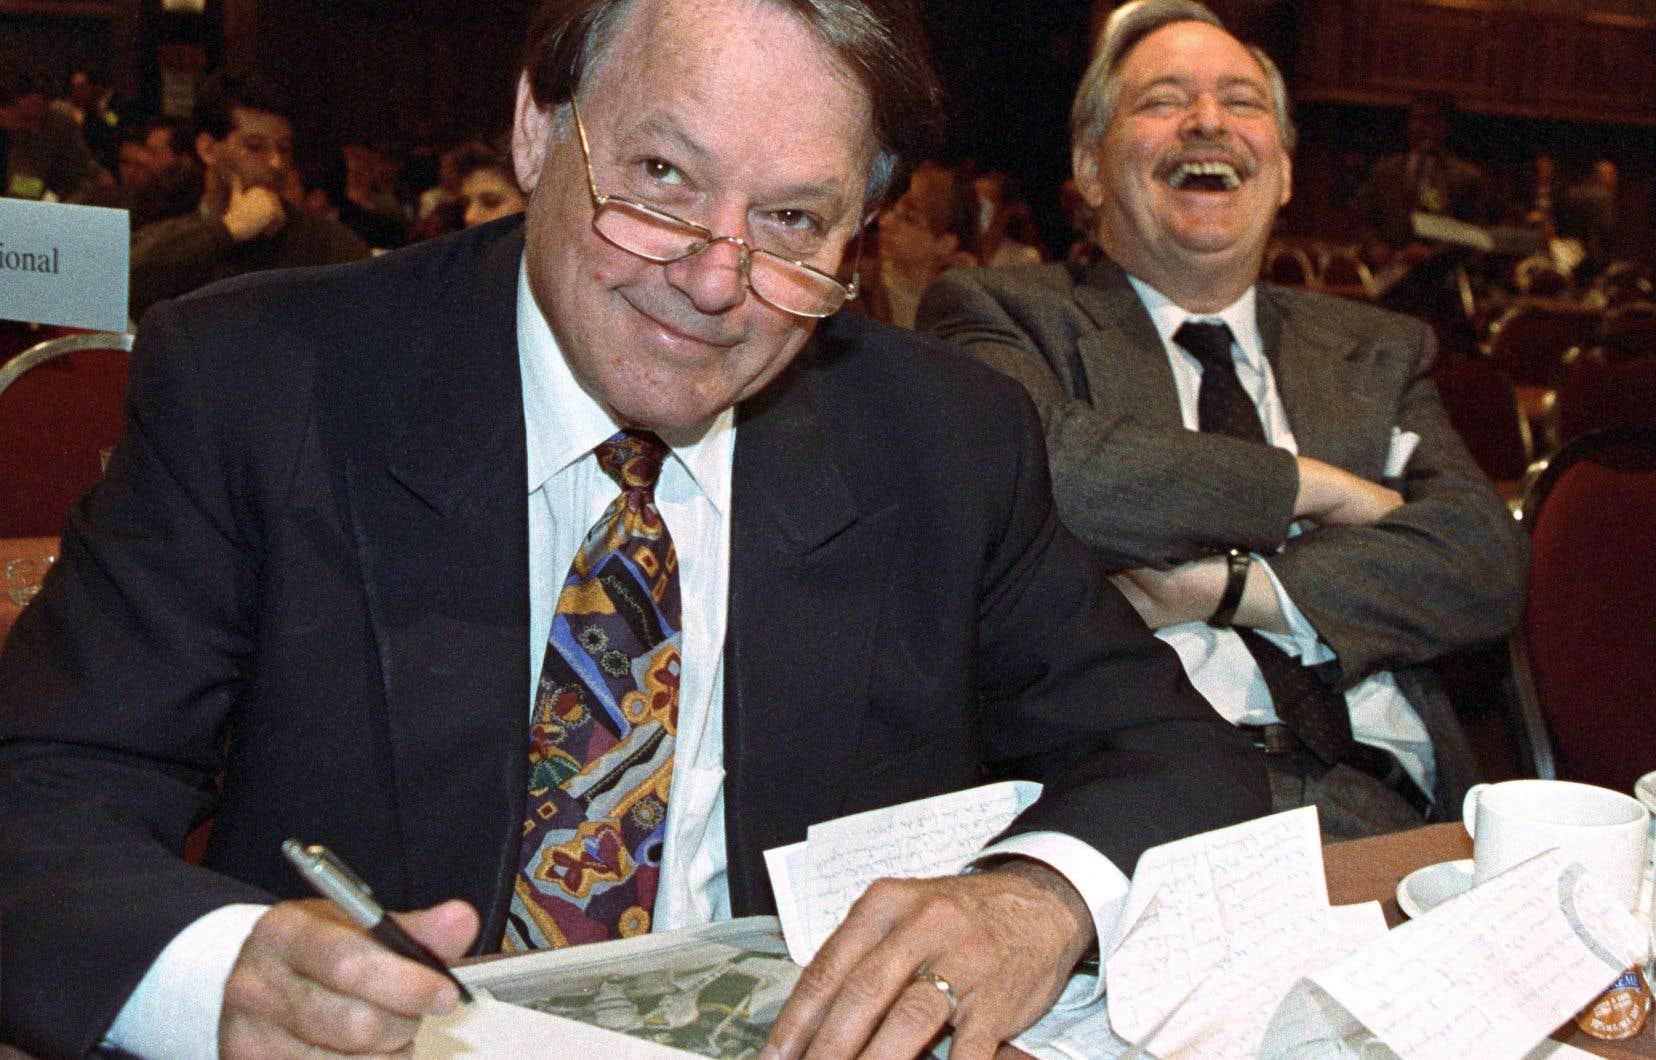 Le 4 avril 1993, Landry et Parizeau rigolent lors d'un congrès du PQ, à Montréal.